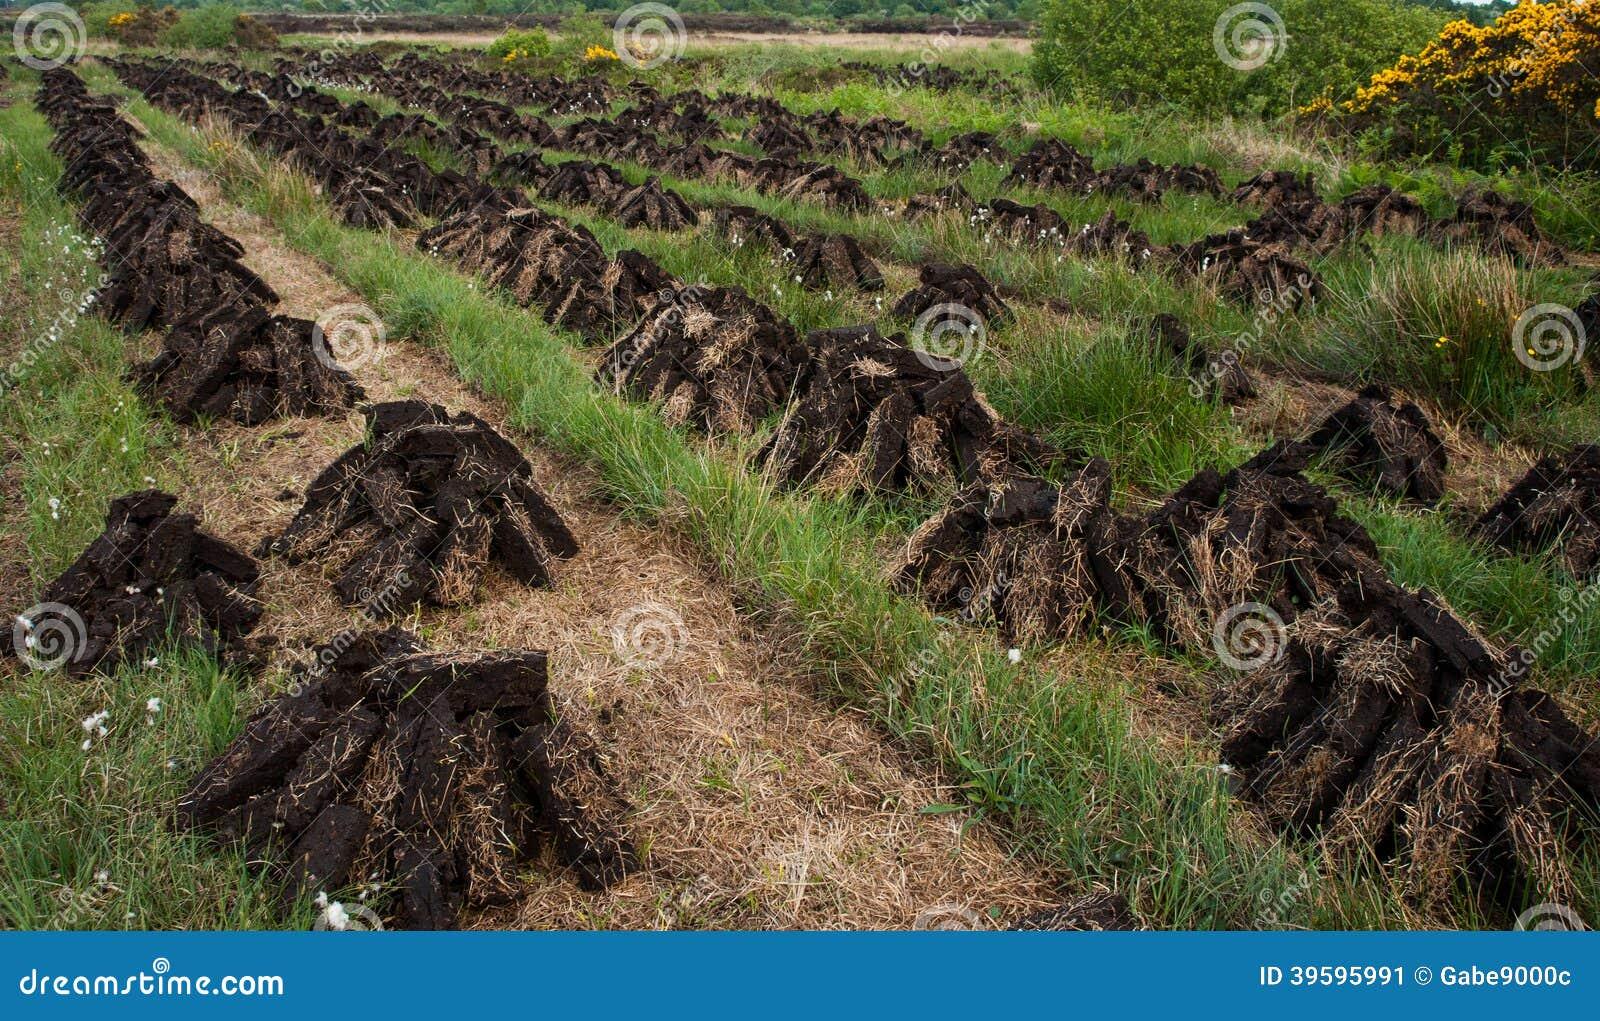 Pile di essiccazione del tappeto erboso in palude di torba for Tappeto erboso a rotoli prezzi